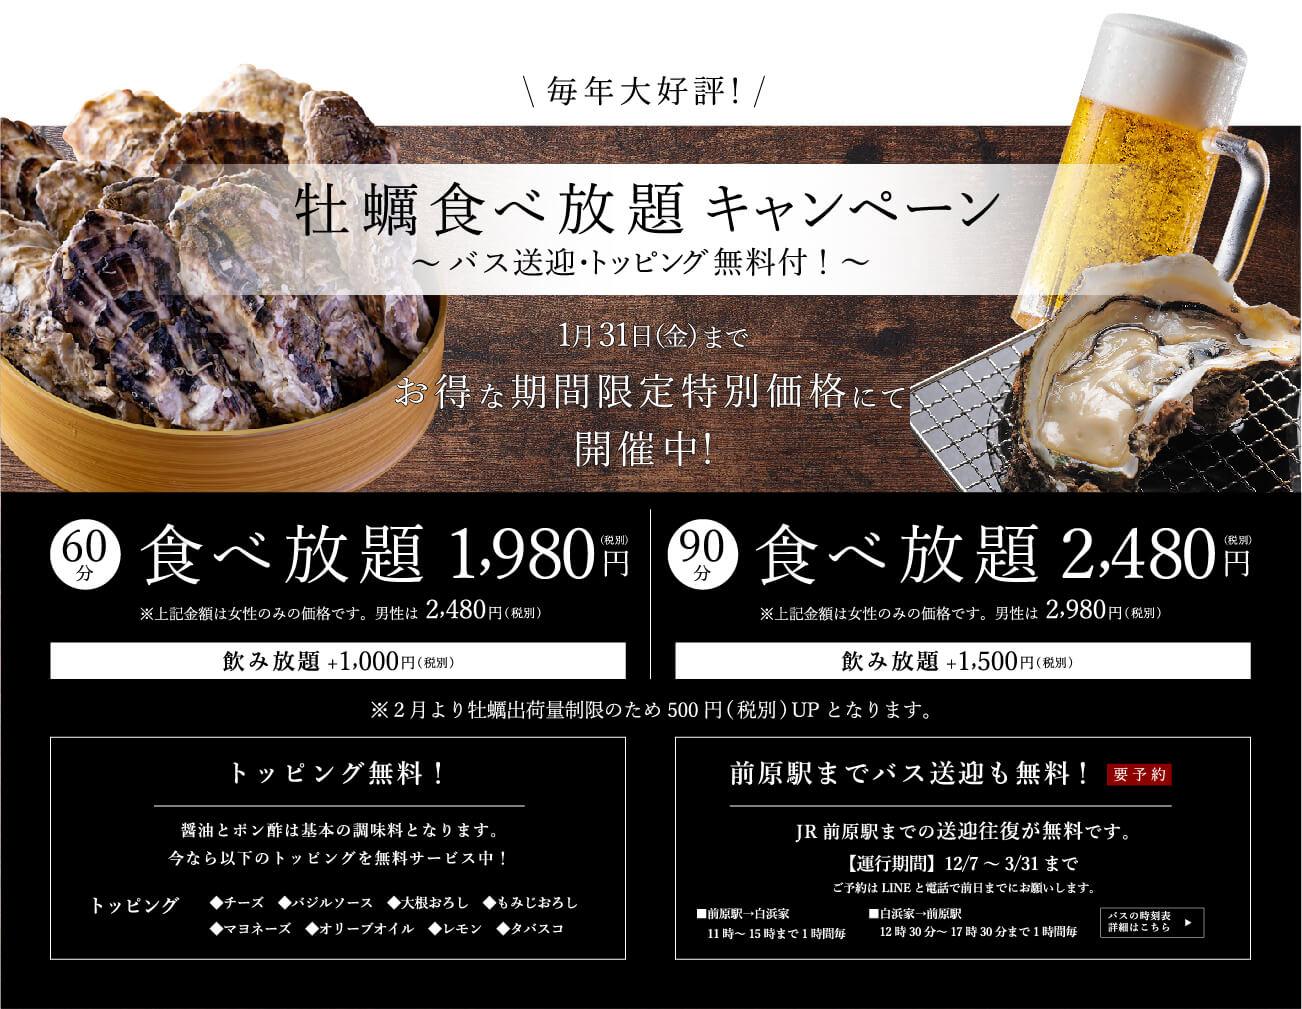 牡蠣食べ放題キャンペーン